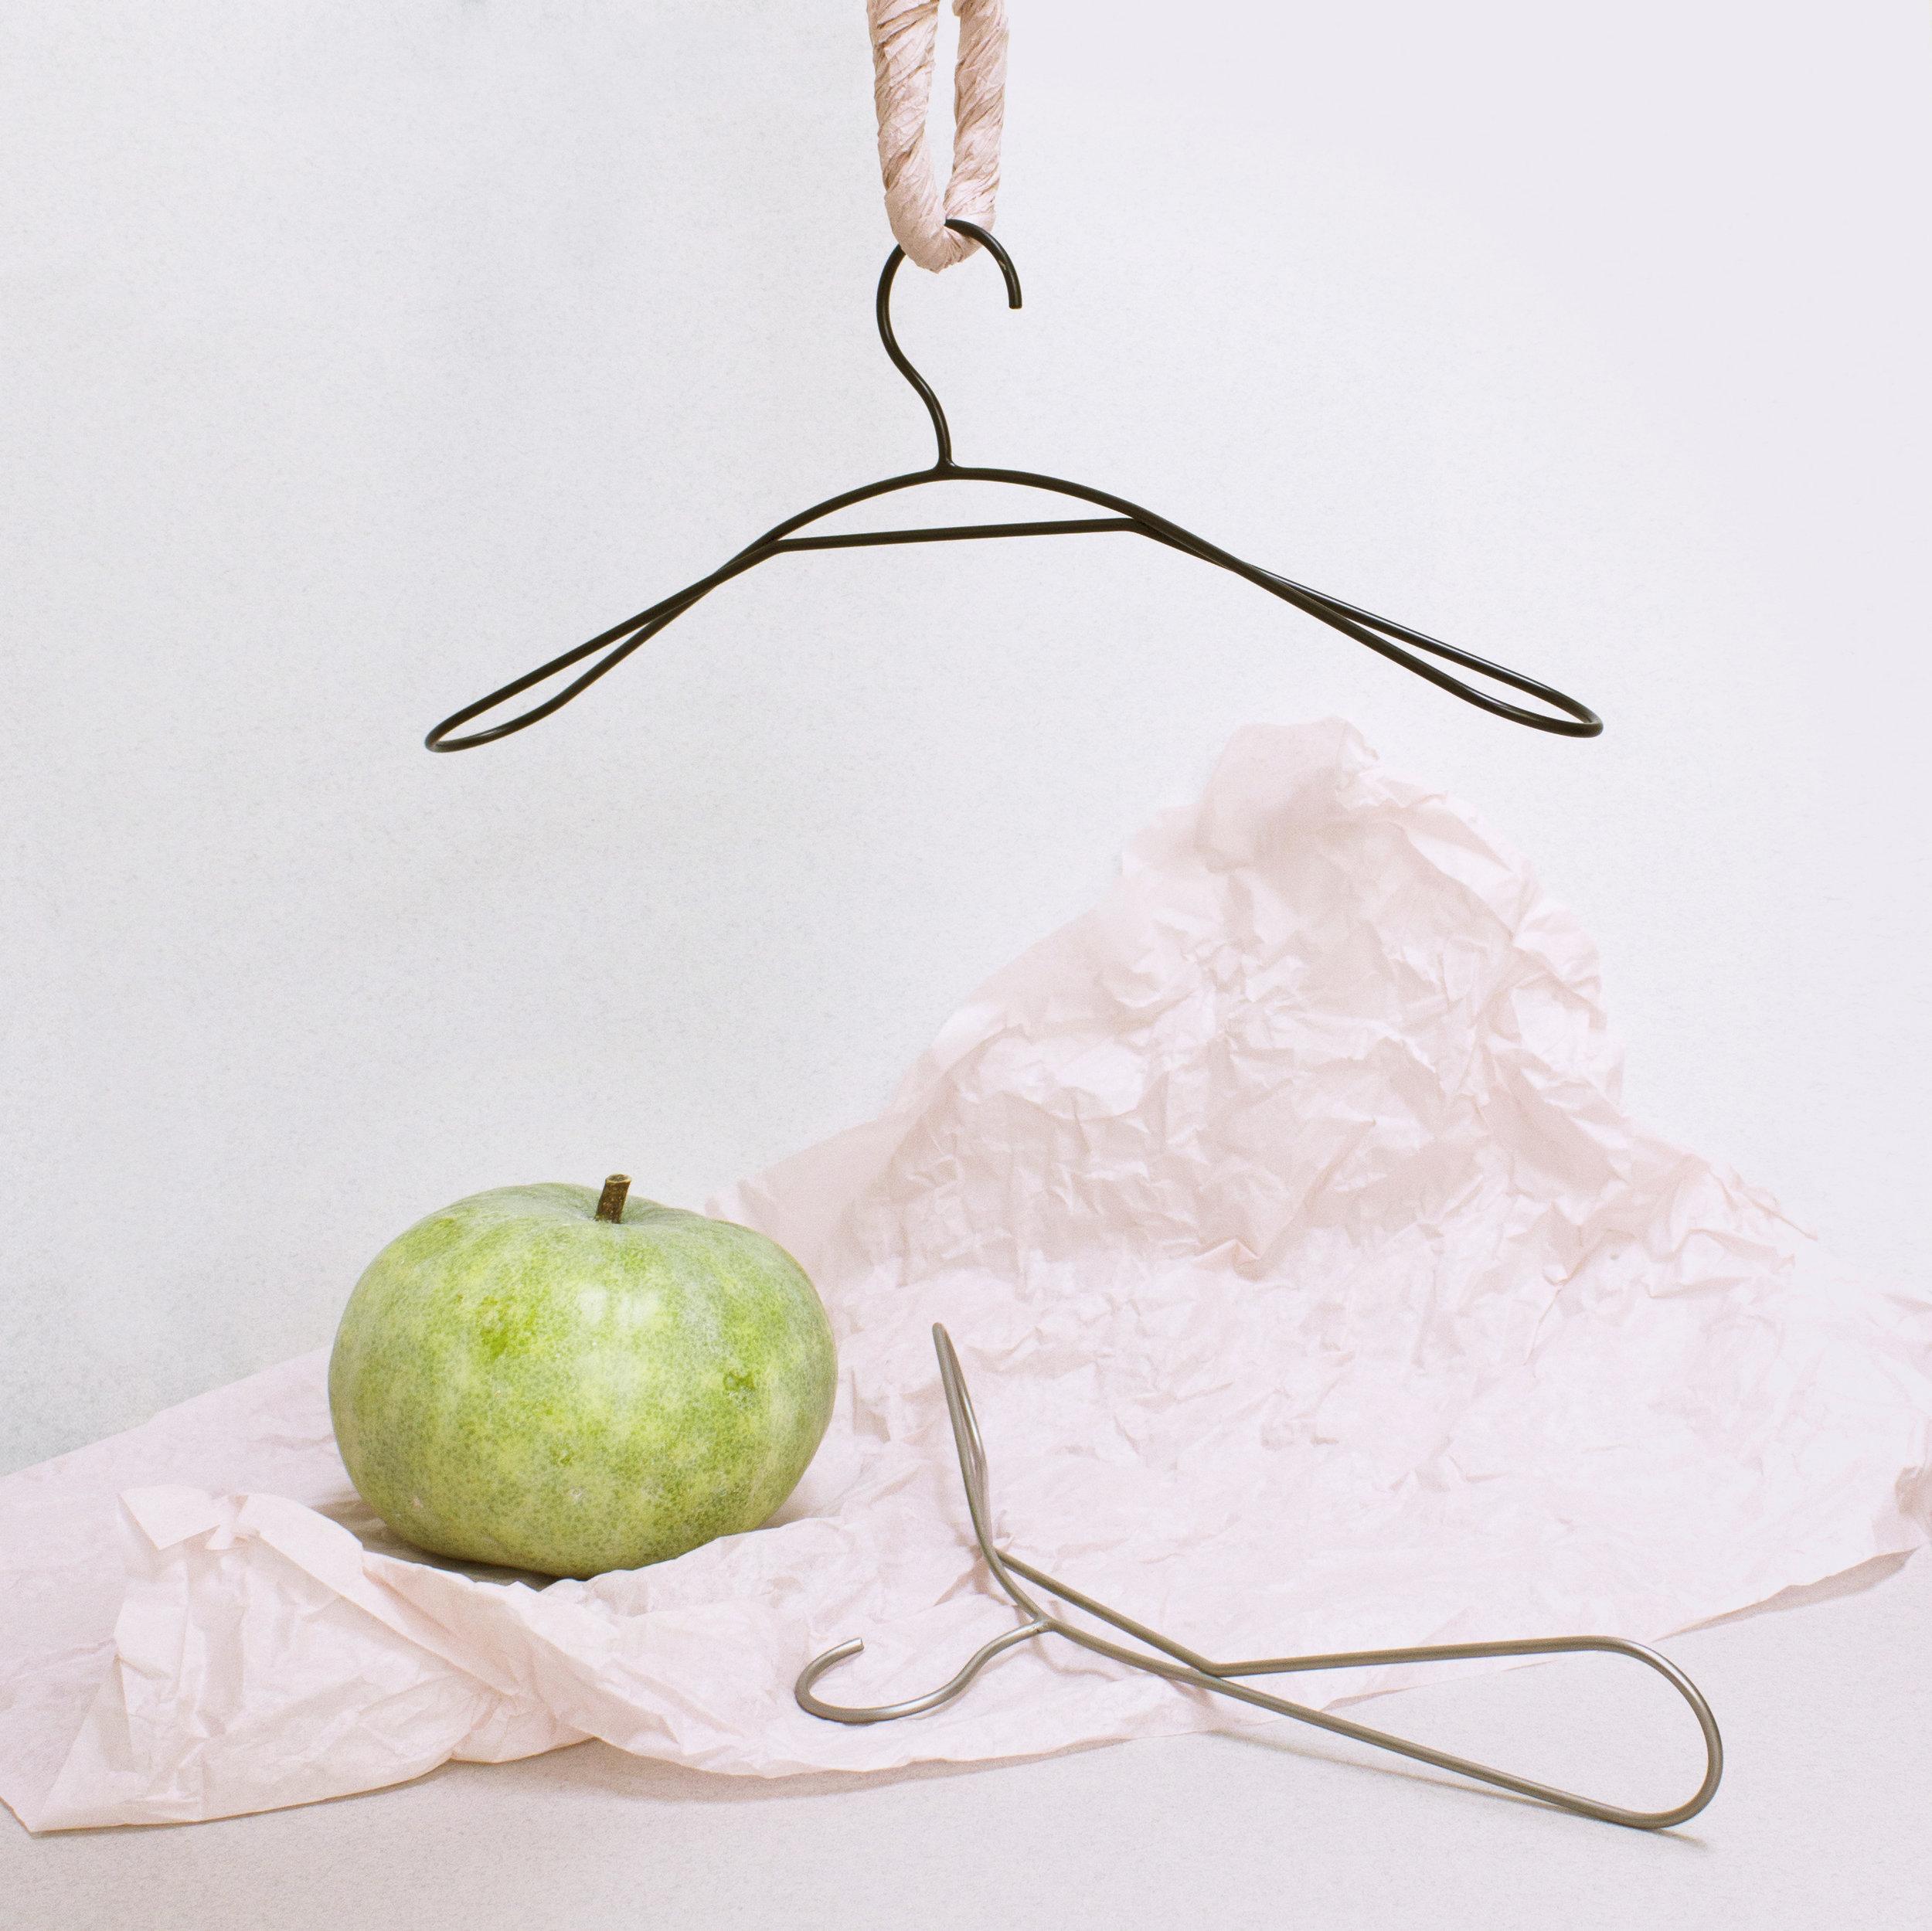 LOOOP Hanger_Lookbook 9.jpg